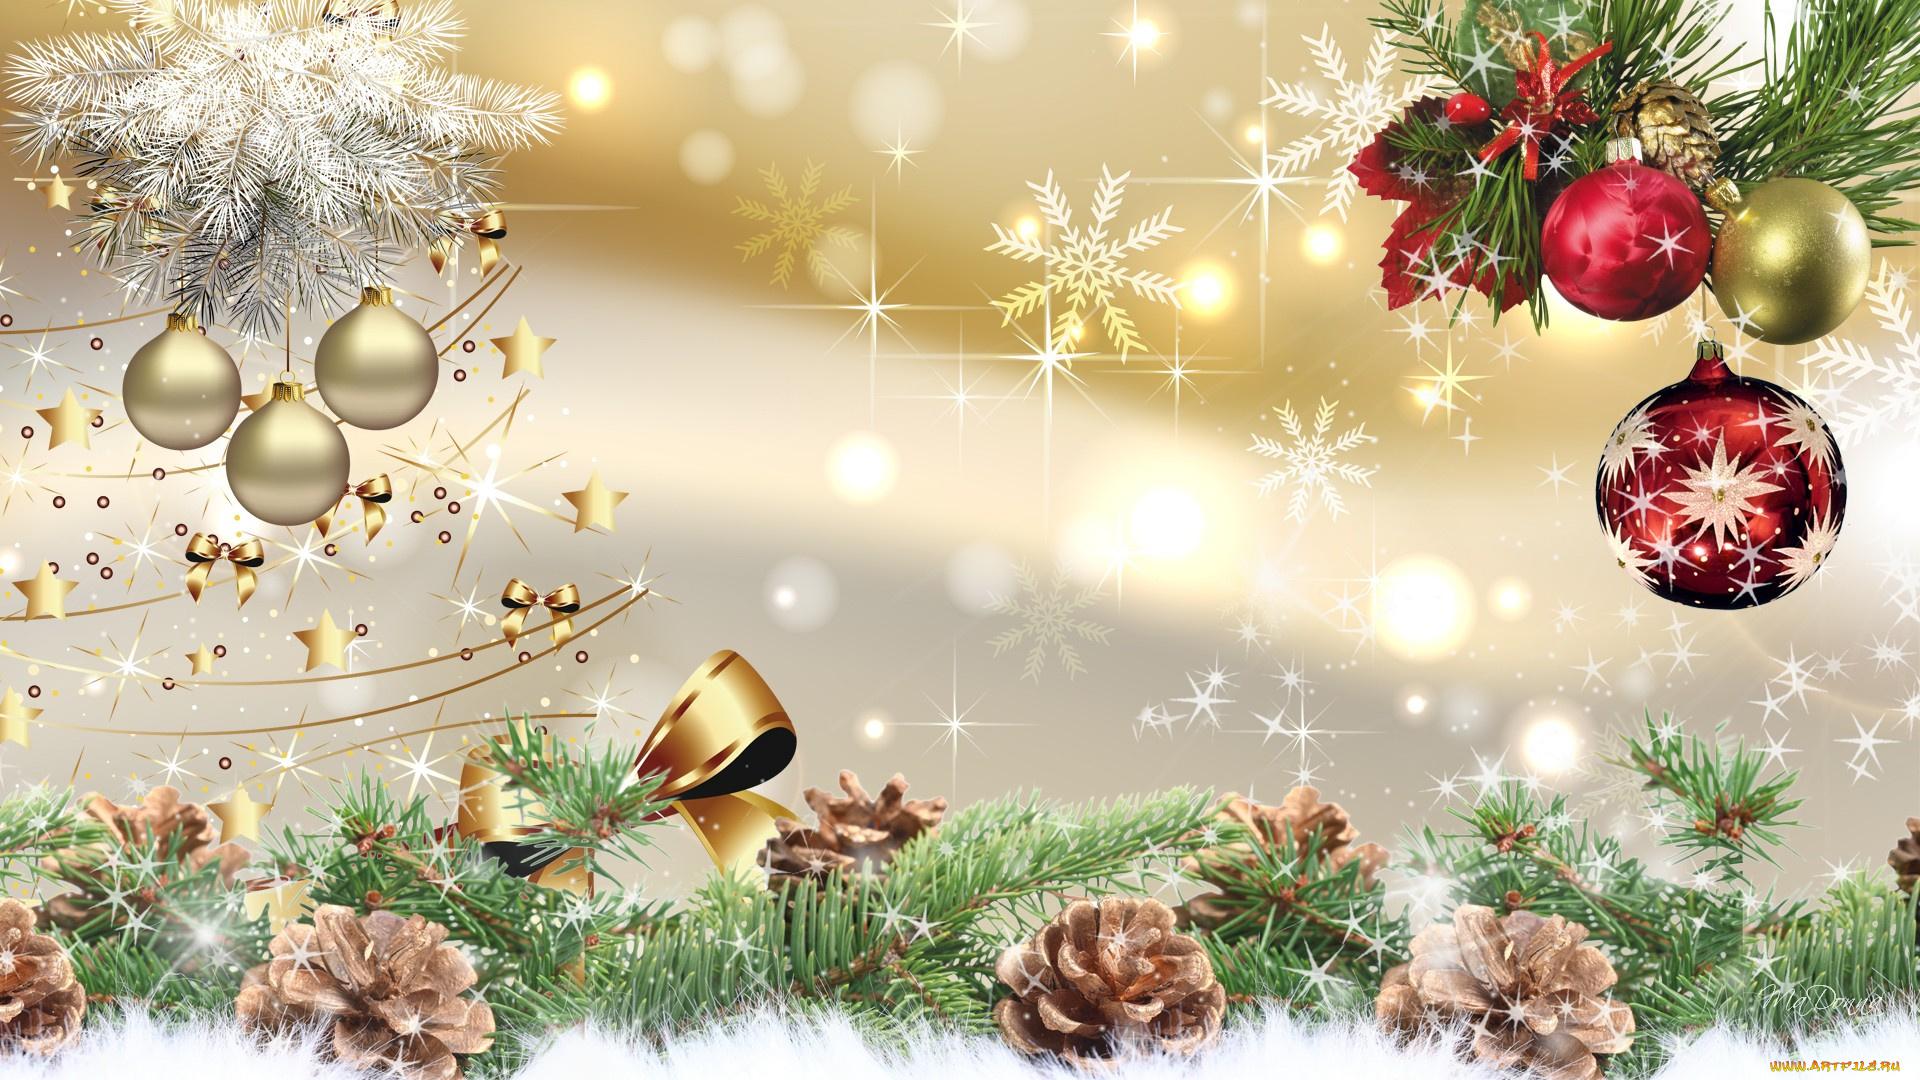 Фон открытка с новым годом, край для открытки